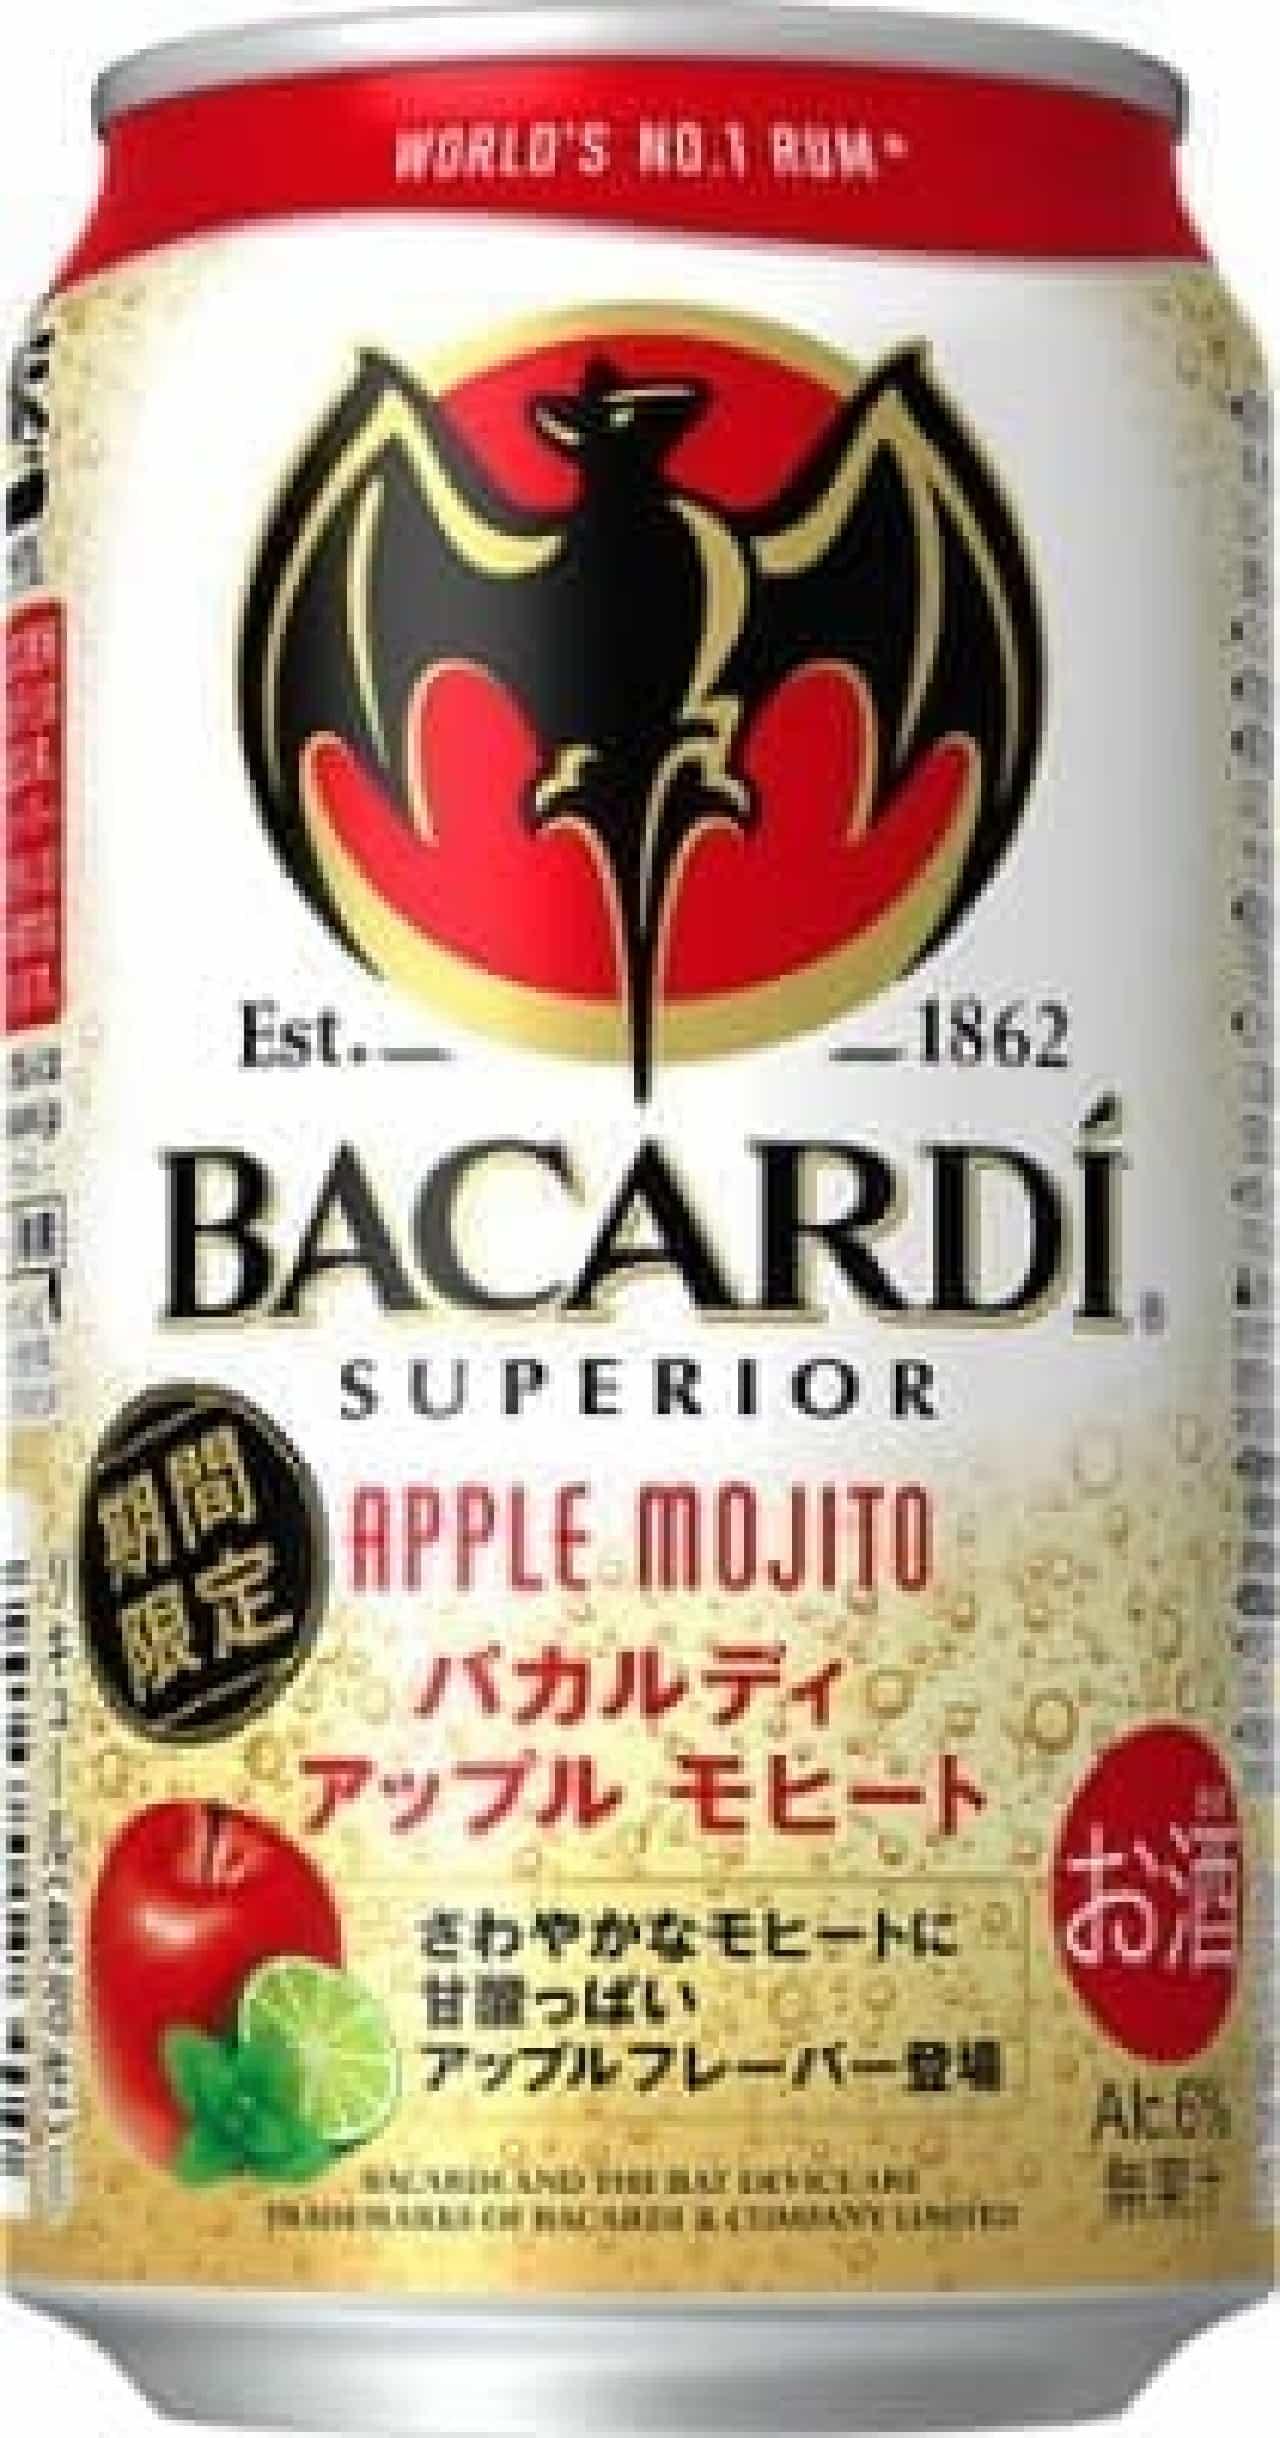 バカルディのモヒートに、甘酸っぱいアップルフレーバー